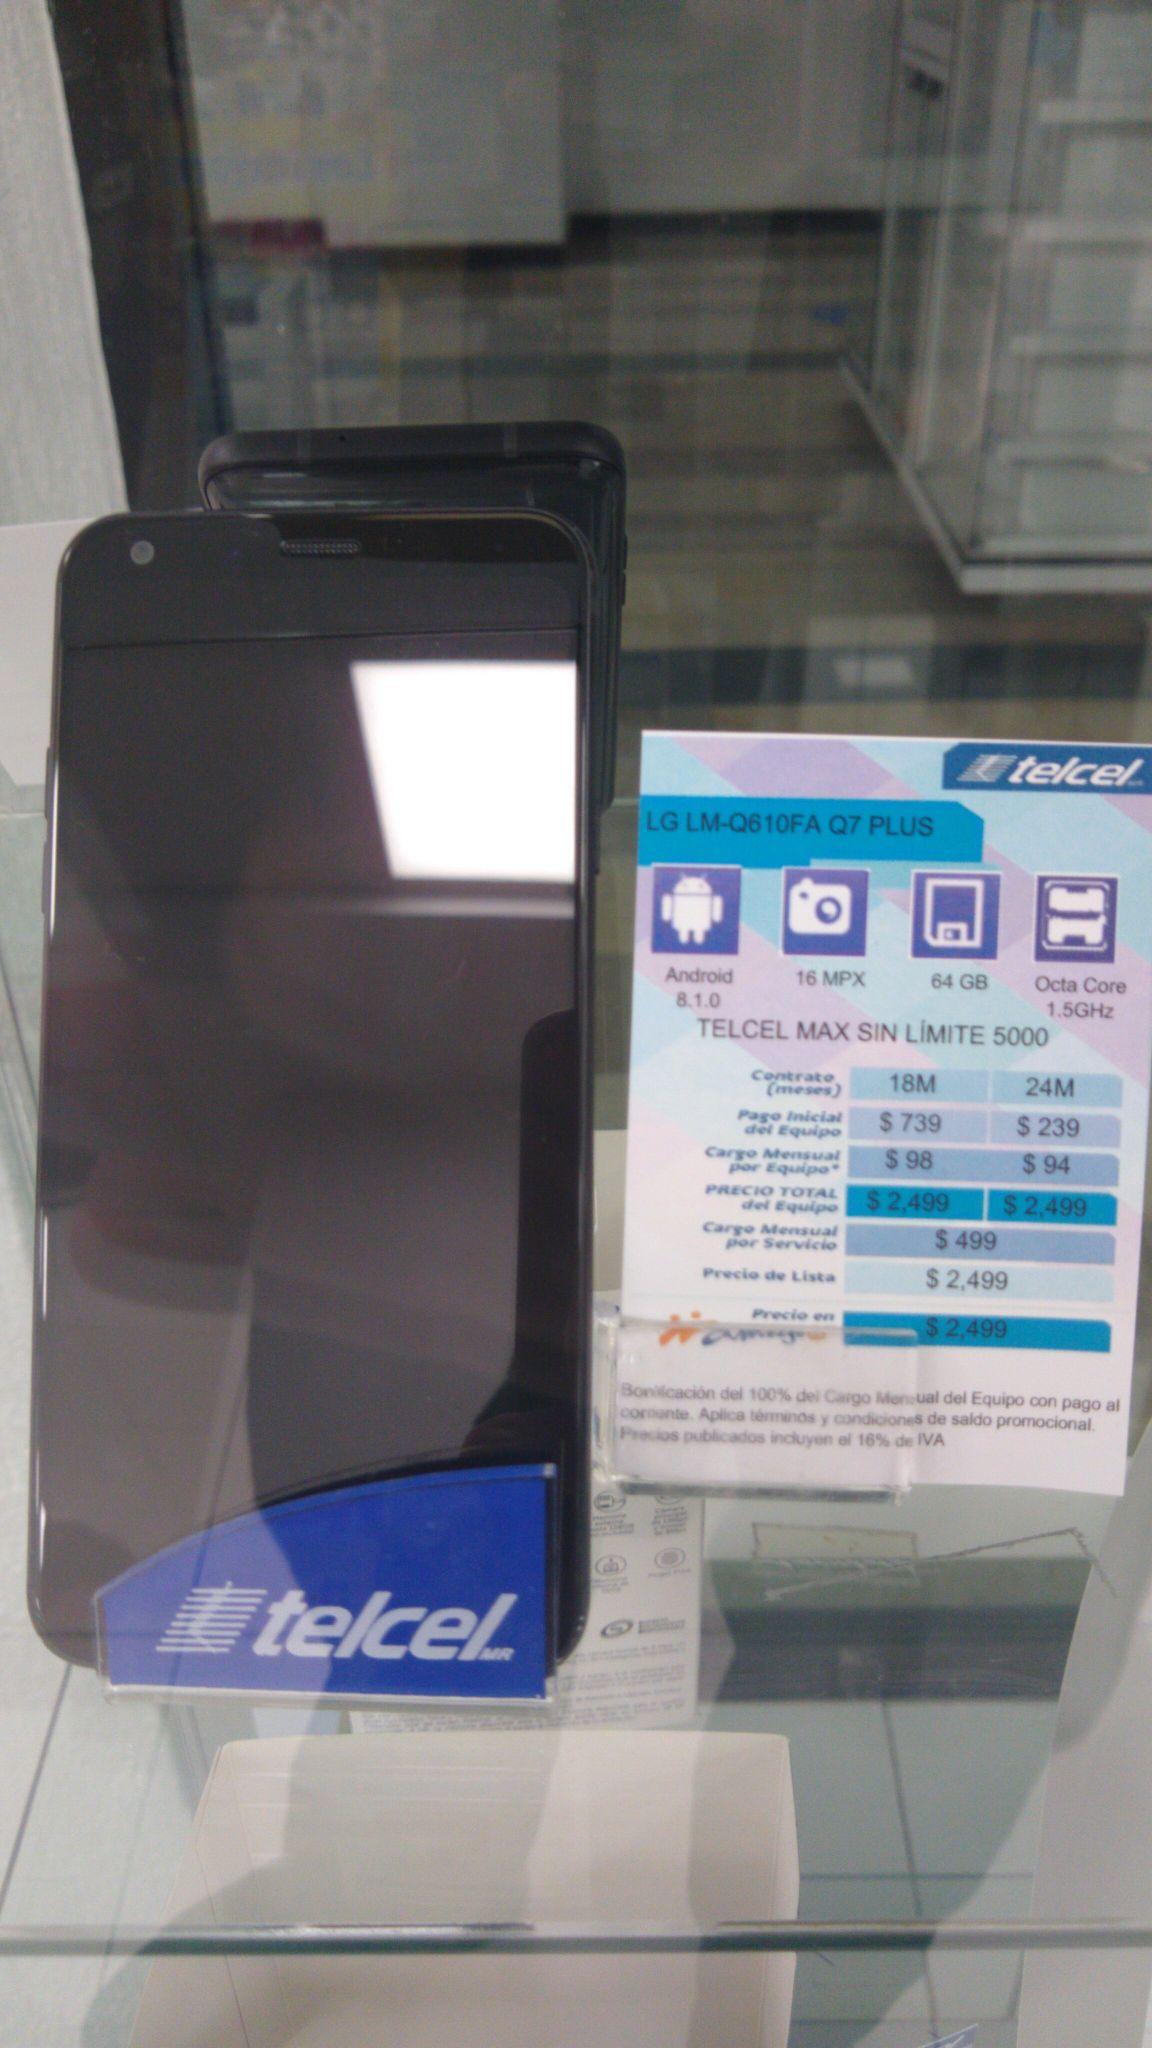 Telcel: LG Q7 Plus